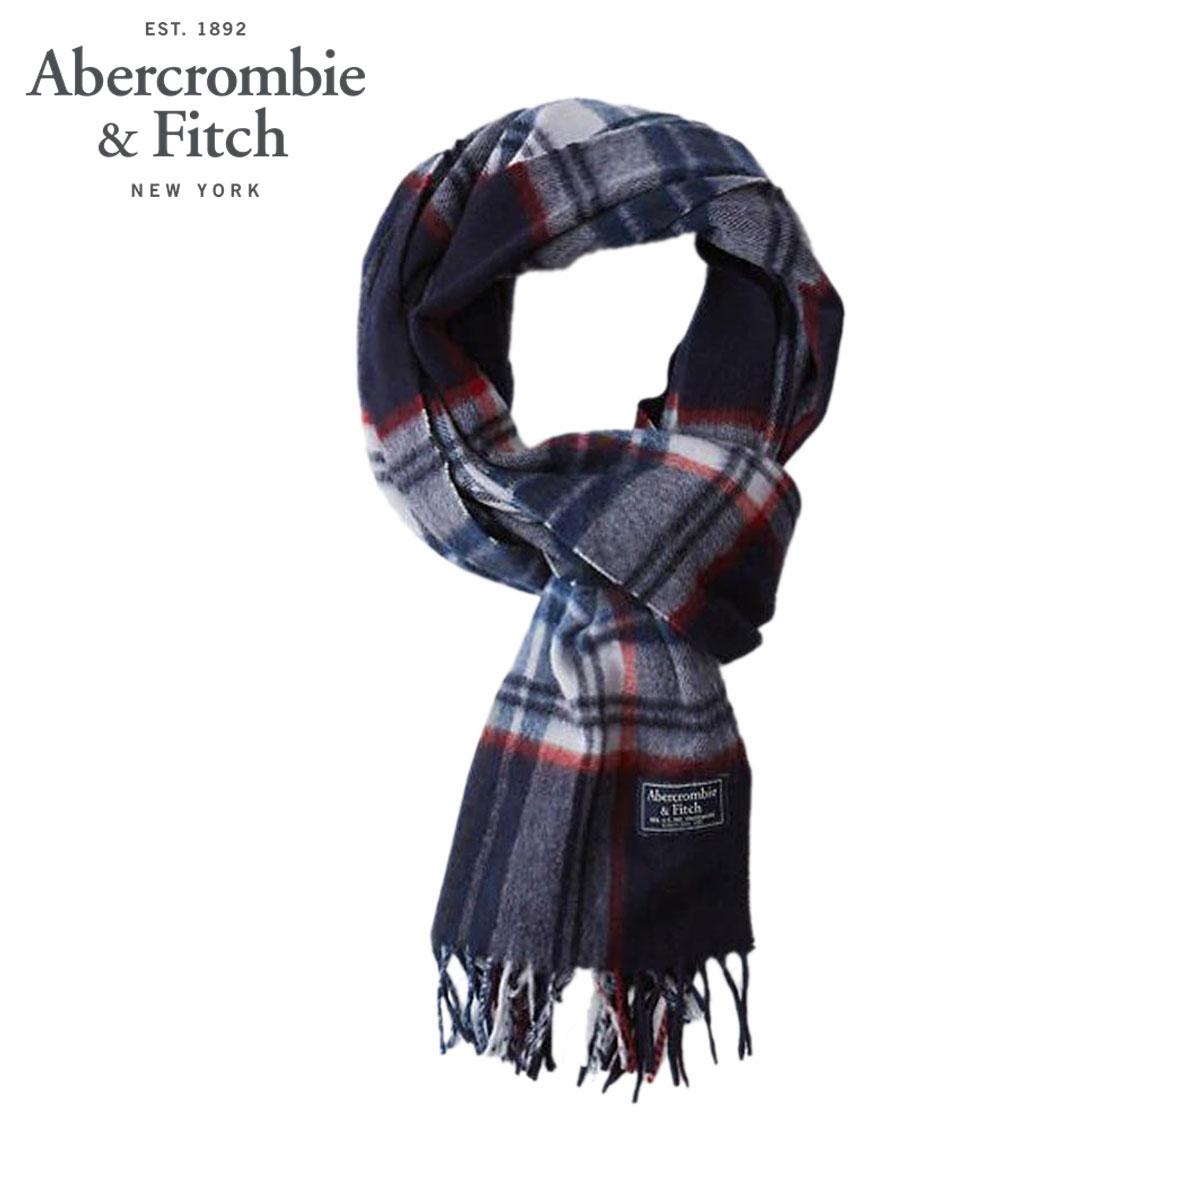 アバクロ マフラー レディース 正規品 Abercrombie&Fitch Woven Scarf 112-180-0207-228